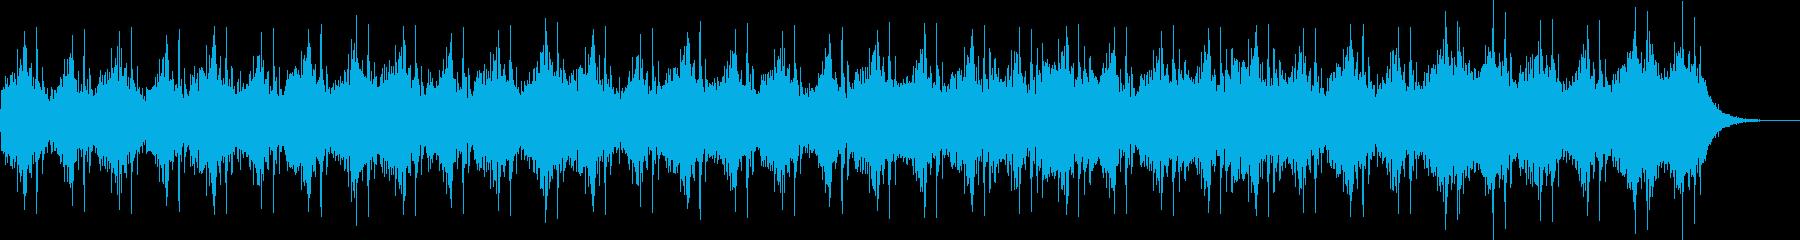 おどろおどろしい雰囲気の太鼓メインの曲の再生済みの波形